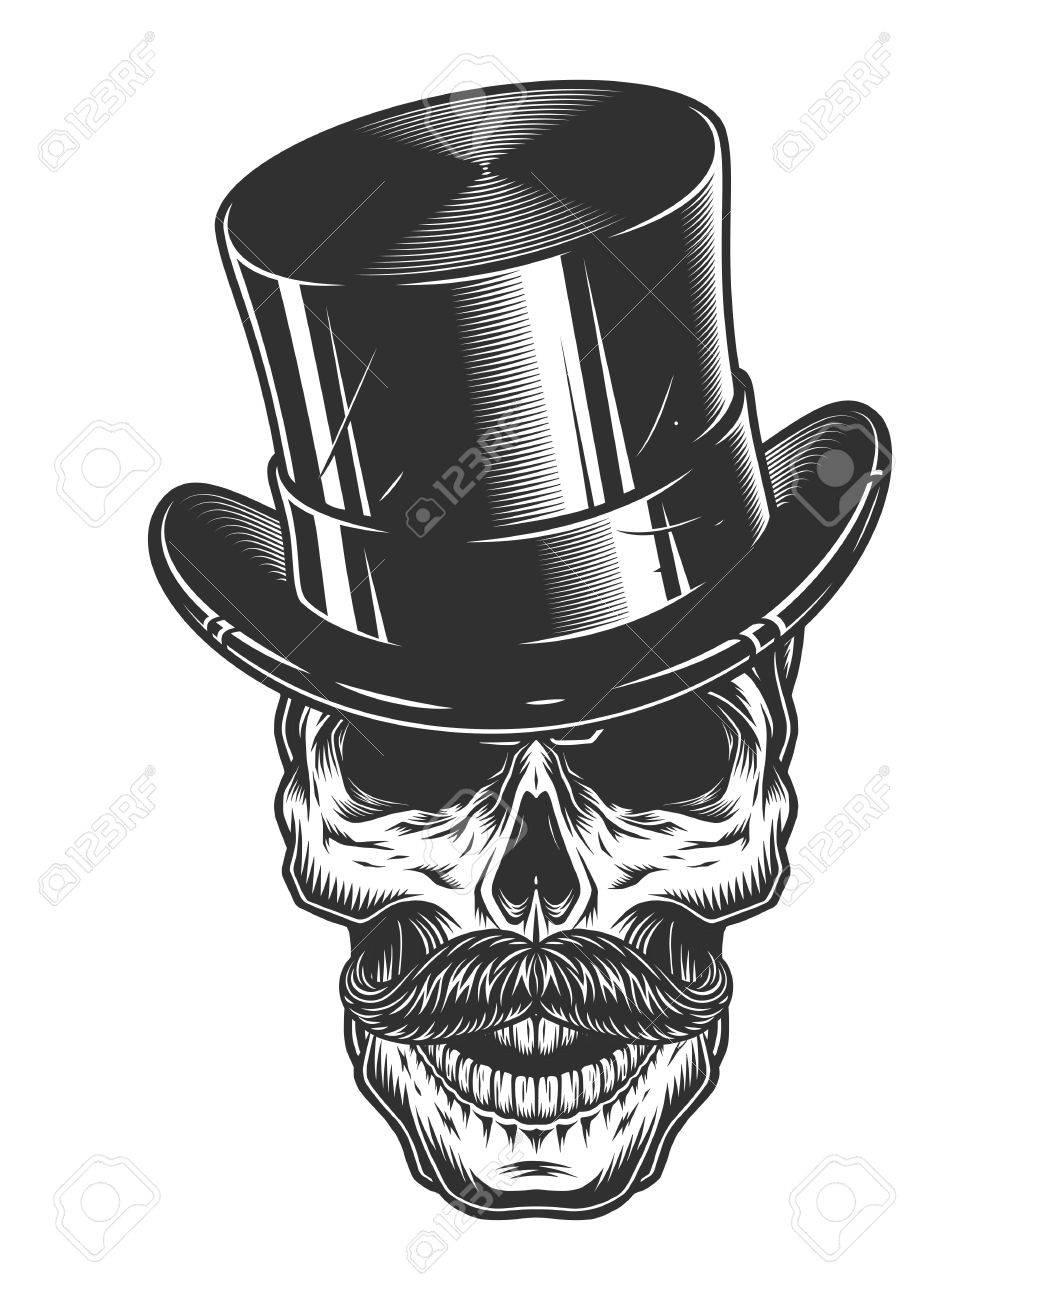 Foto de archivo - Monocromo ilustración de cráneo con sombrero de copa y  bigote aisladas sobre fondo blanco 01fe8512c21